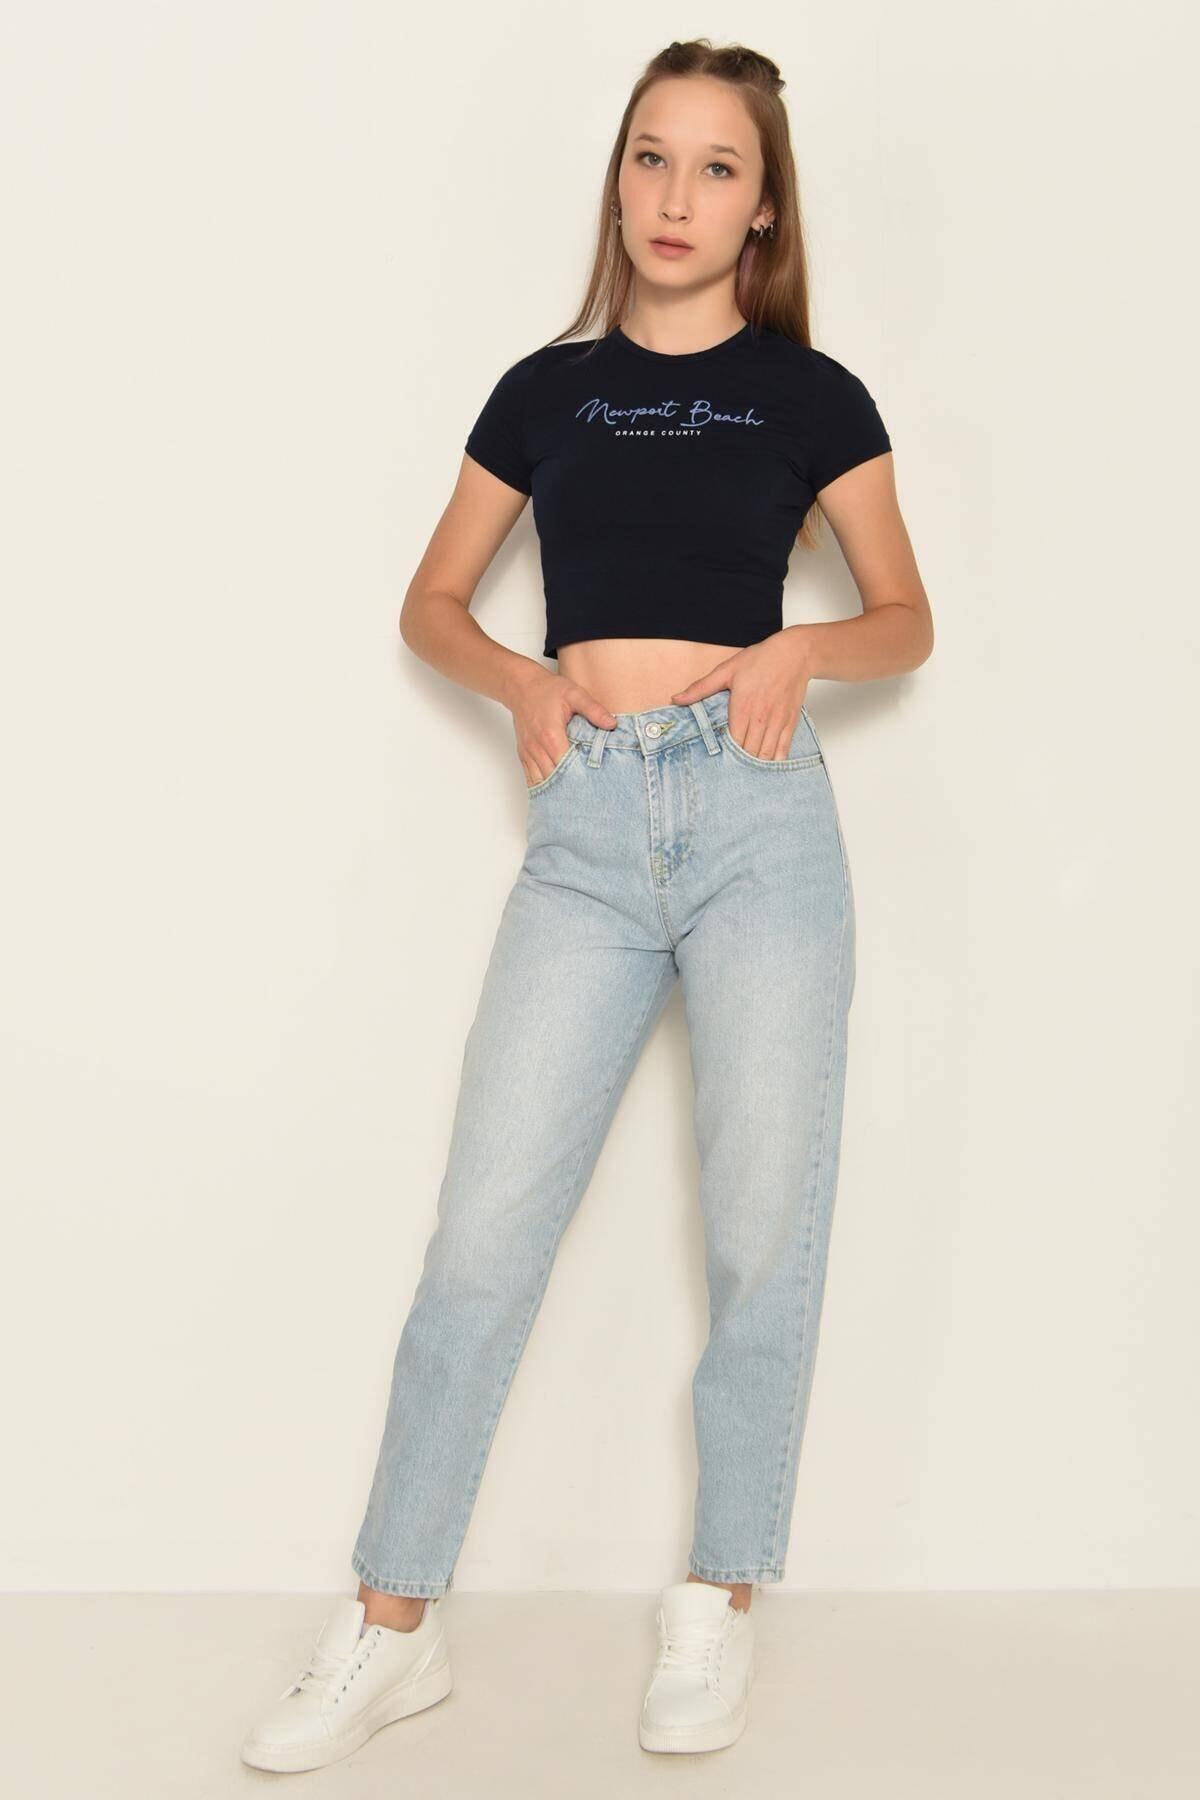 Addax Kadın Laci Yazı Detaylı Kısa T-Shirt P0991 - K9K10 Adx-0000022472